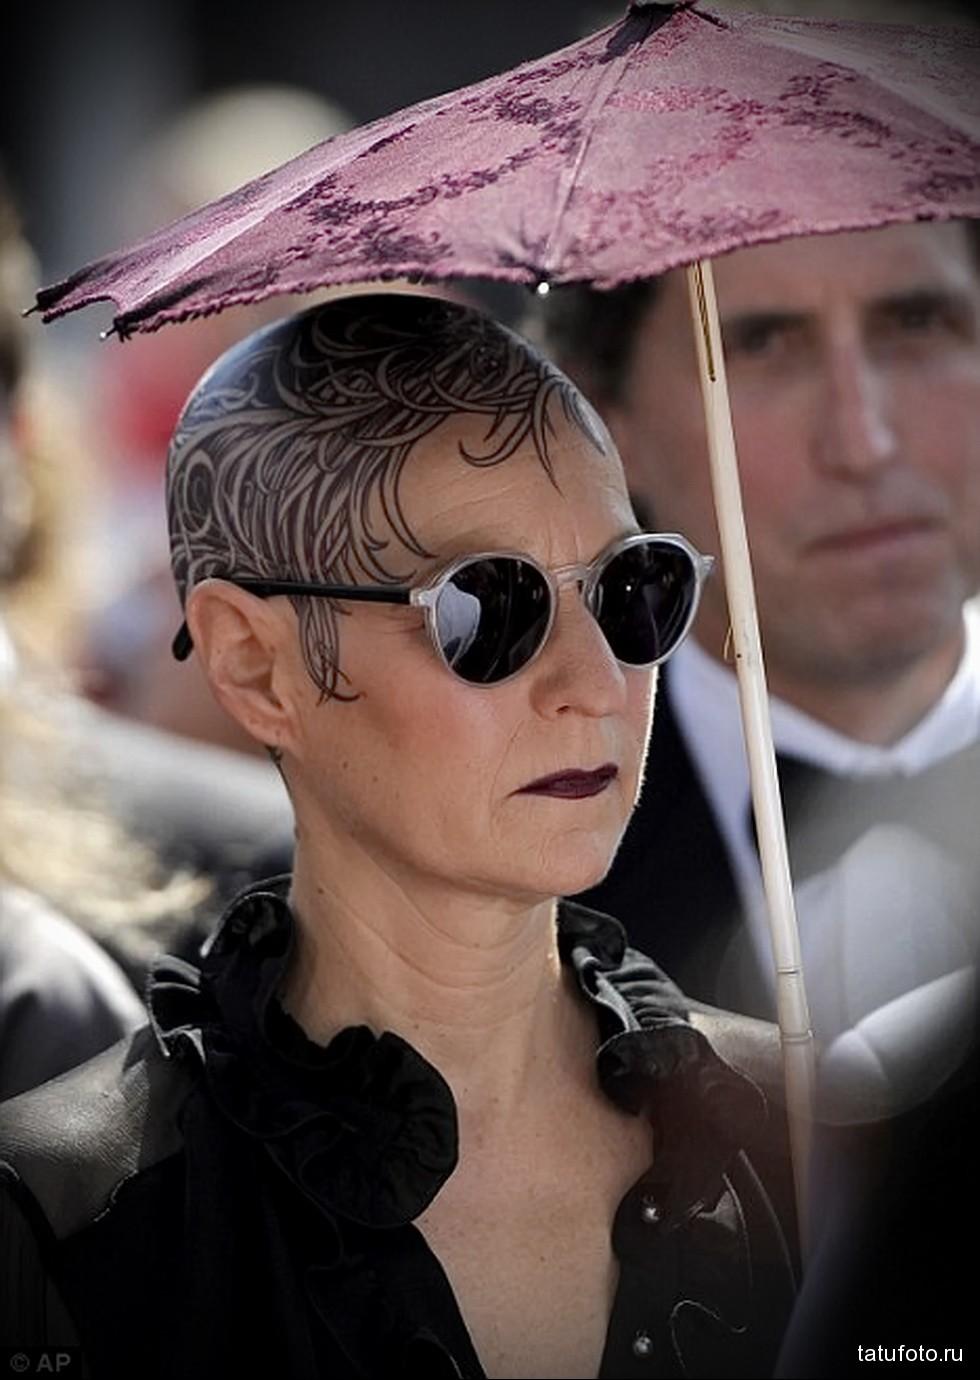 женщина с татуировкой на лысой голове